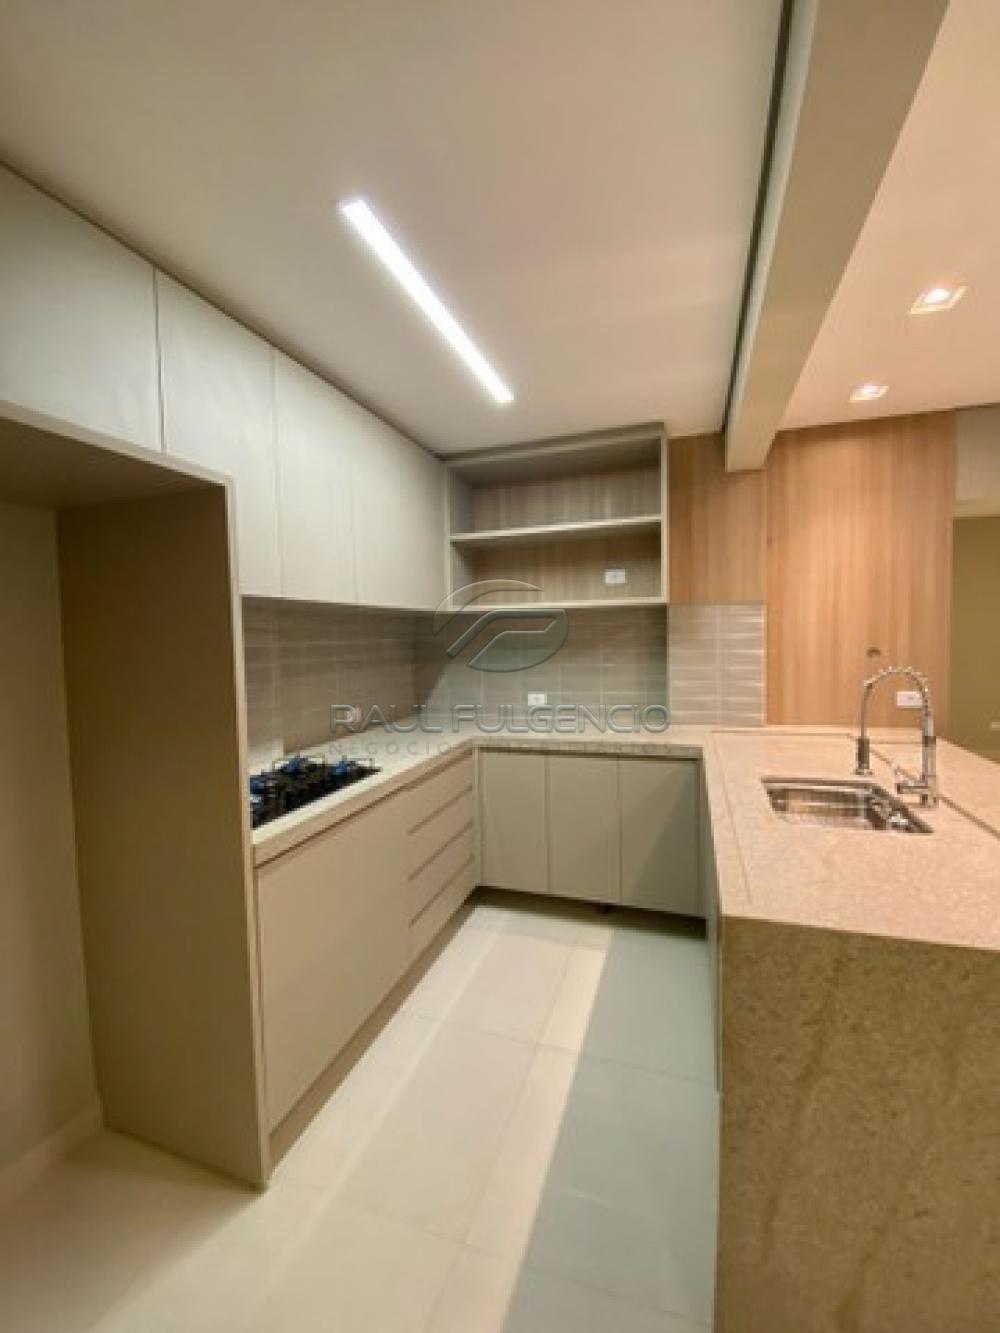 Comprar Apartamento / Padrão em Londrina R$ 499.000,00 - Foto 14